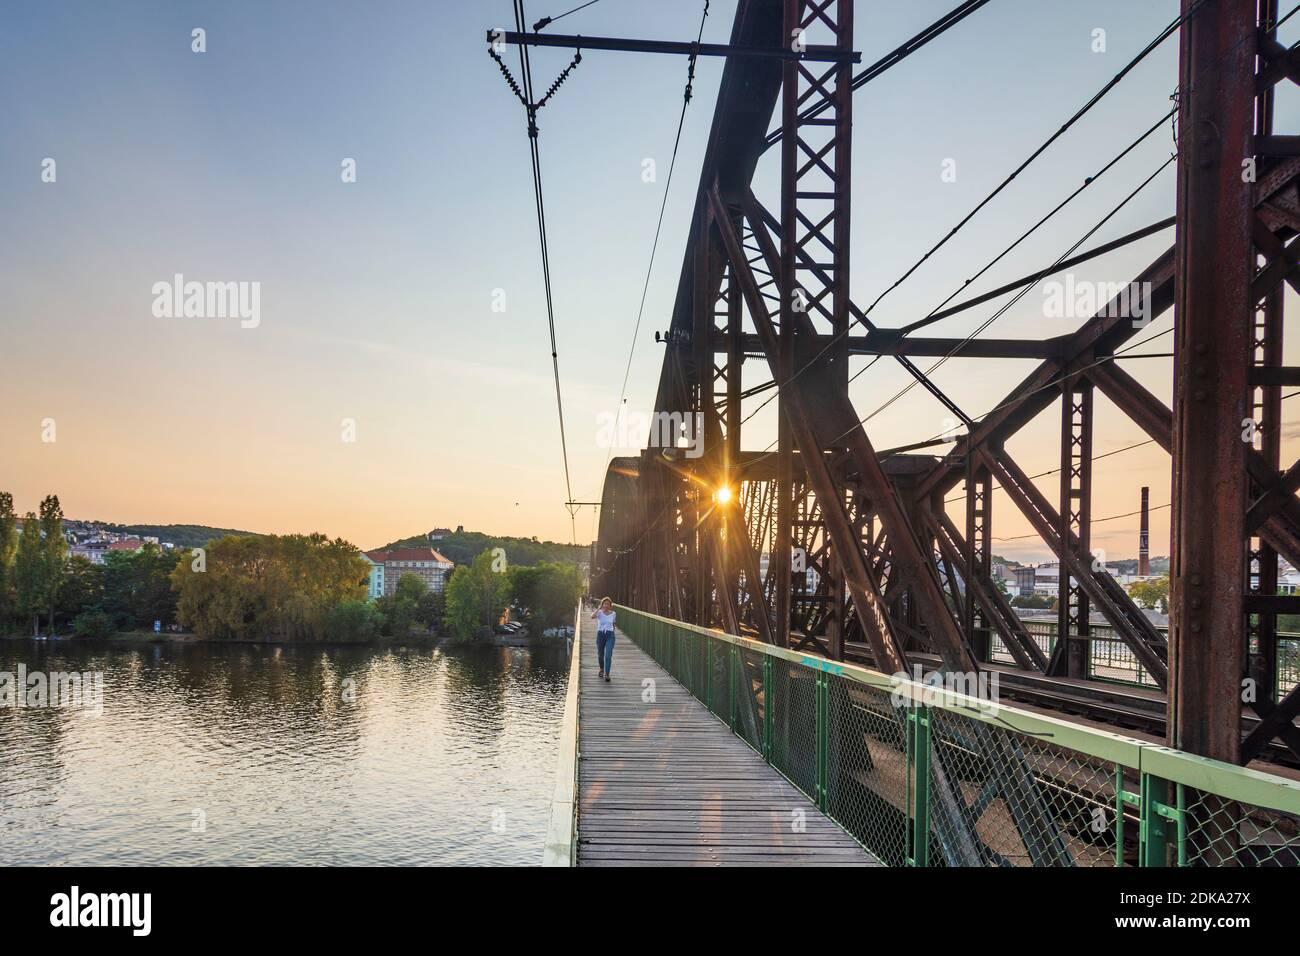 Praha, río Vltava (Moldau), puente ferroviario en Vysehrad, vista al norte, persona caminando en Vltava, Moldau, Praha, Prag, Praga, Checo Foto de stock